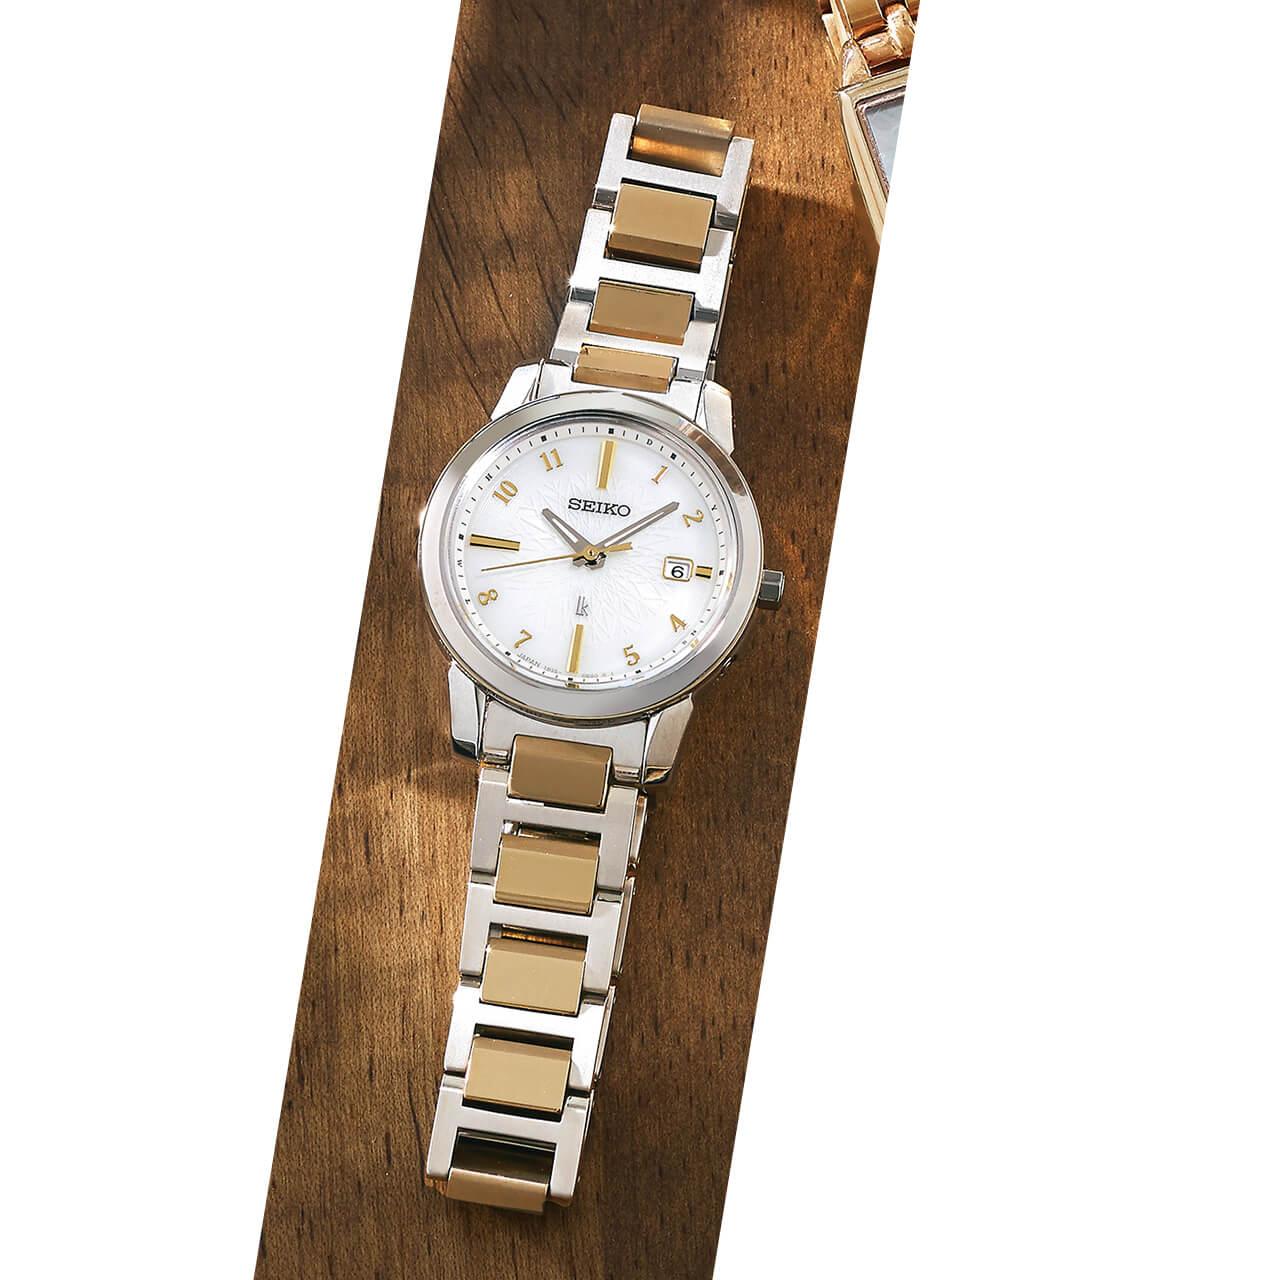 時計(チタン、28mm)¥85800/セイコーウオッチお客様相談室(セイコー ルキア)